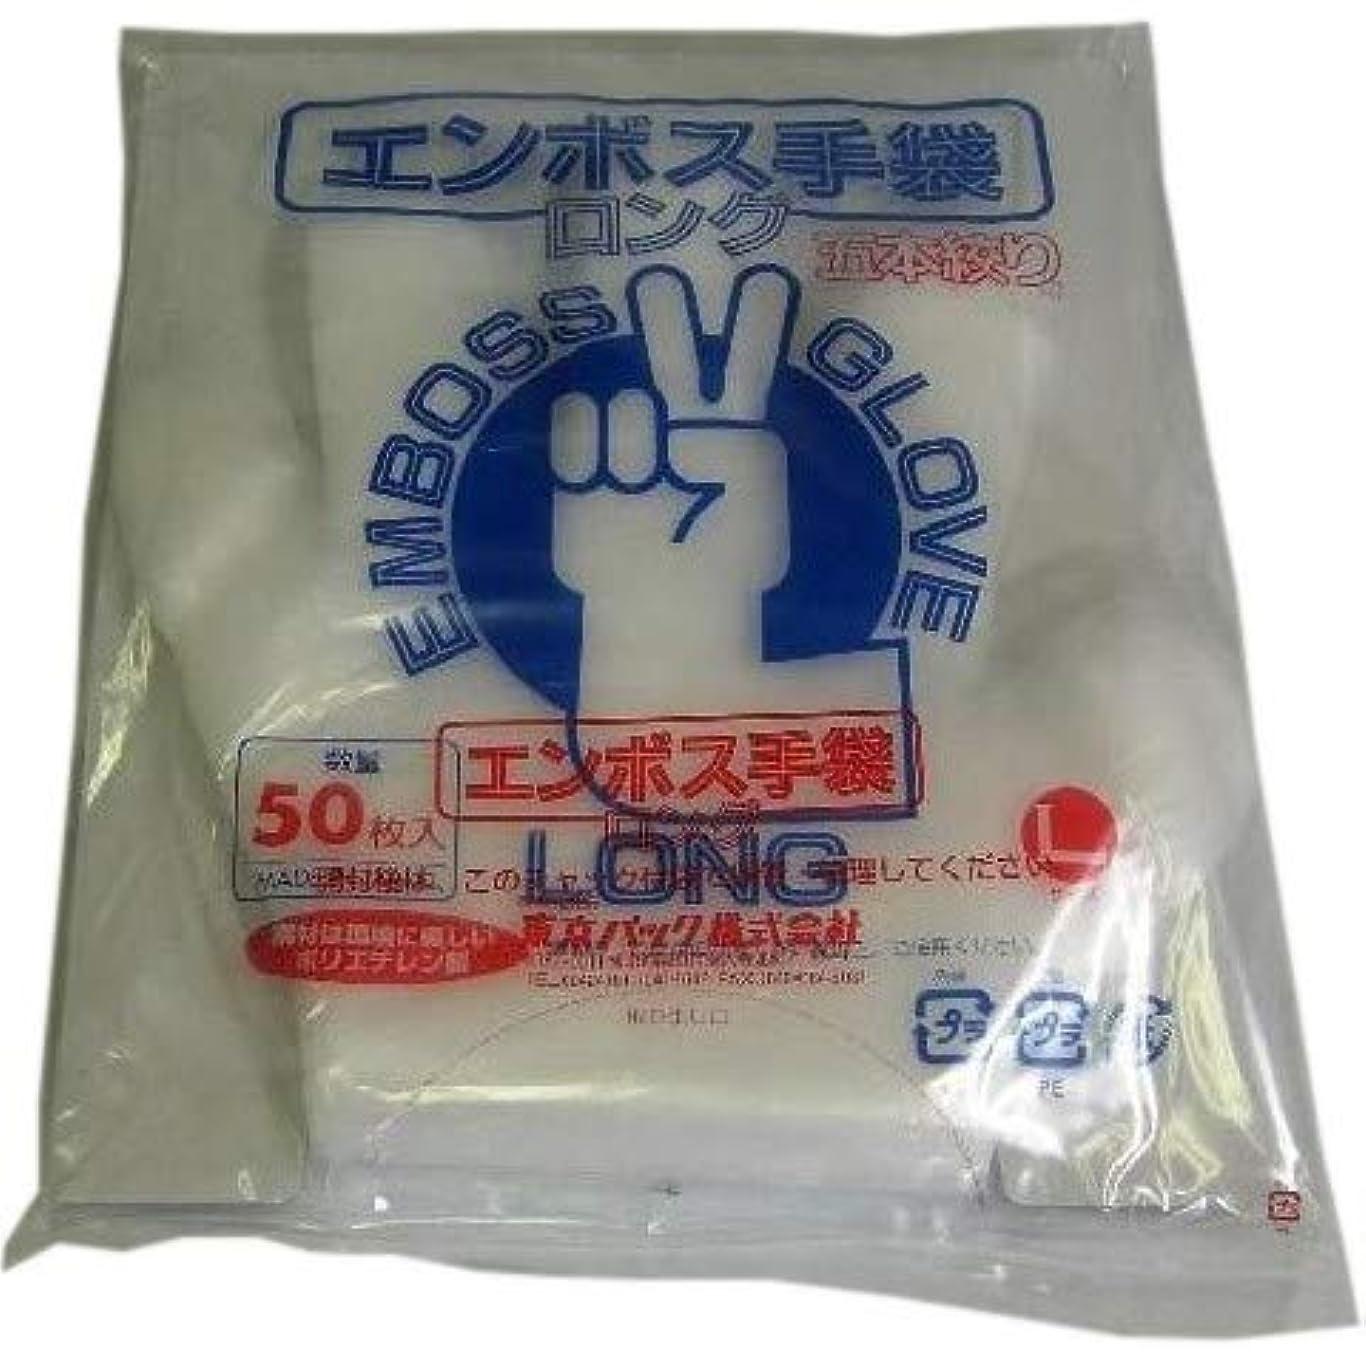 対人ジュース言い換えるとエンボス手袋ロング 5本絞り ナチュラル L 50枚入x10袋入り